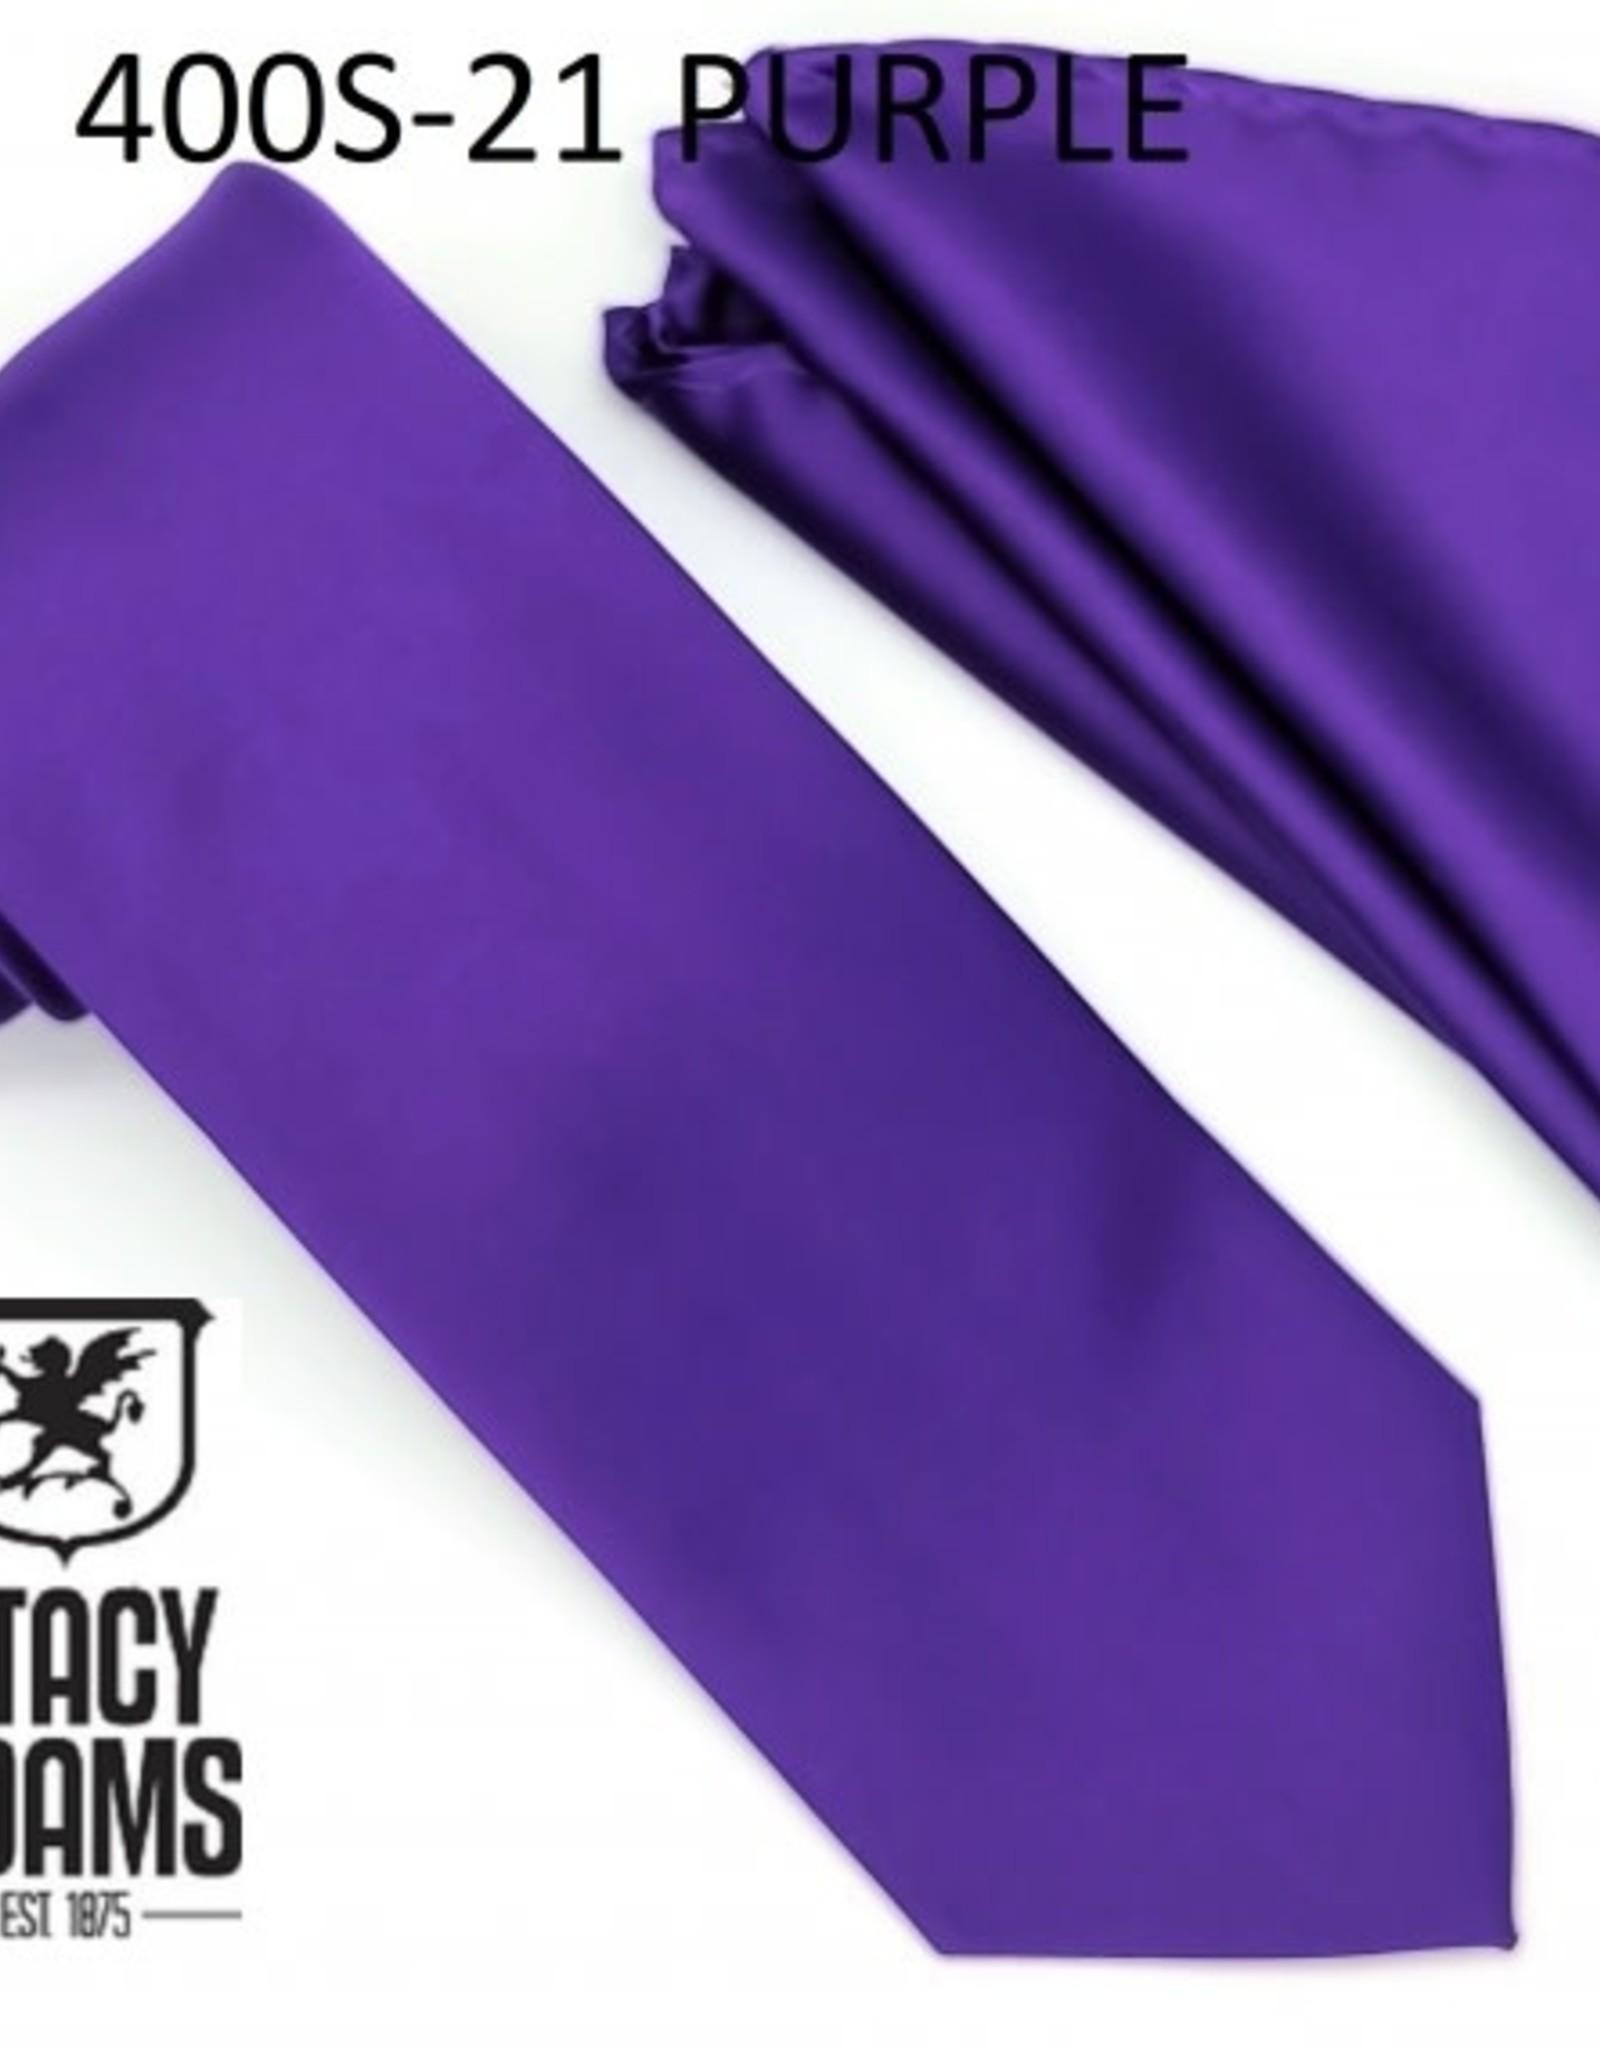 Stacy Adams Tie Stacy Adams Reg 400S-21 Purple